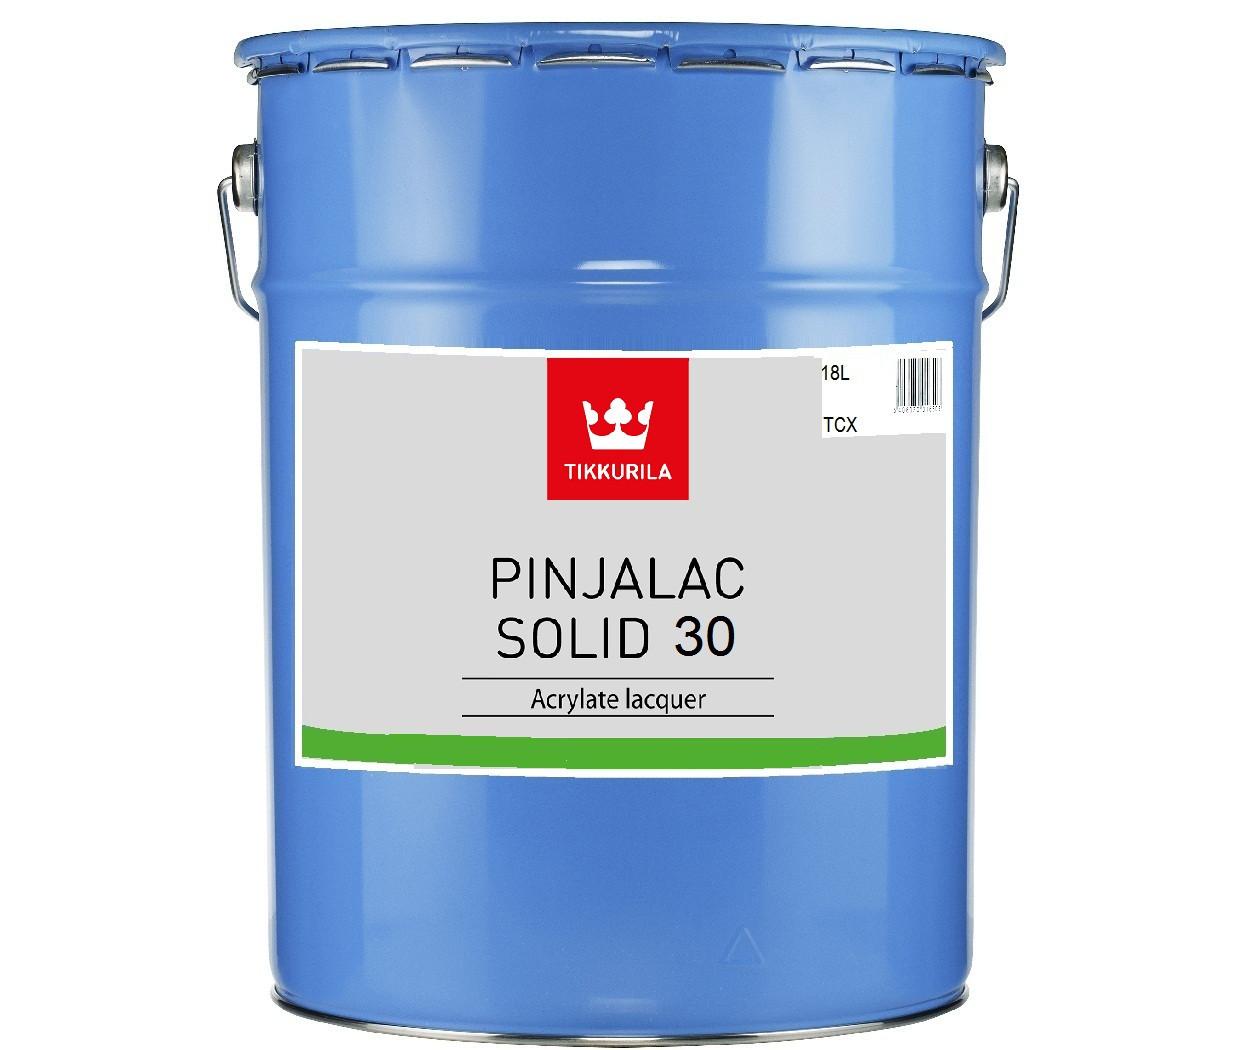 Лак акриловый TIKKURILA PINJALAC SOLID 30 для древесины, 18л